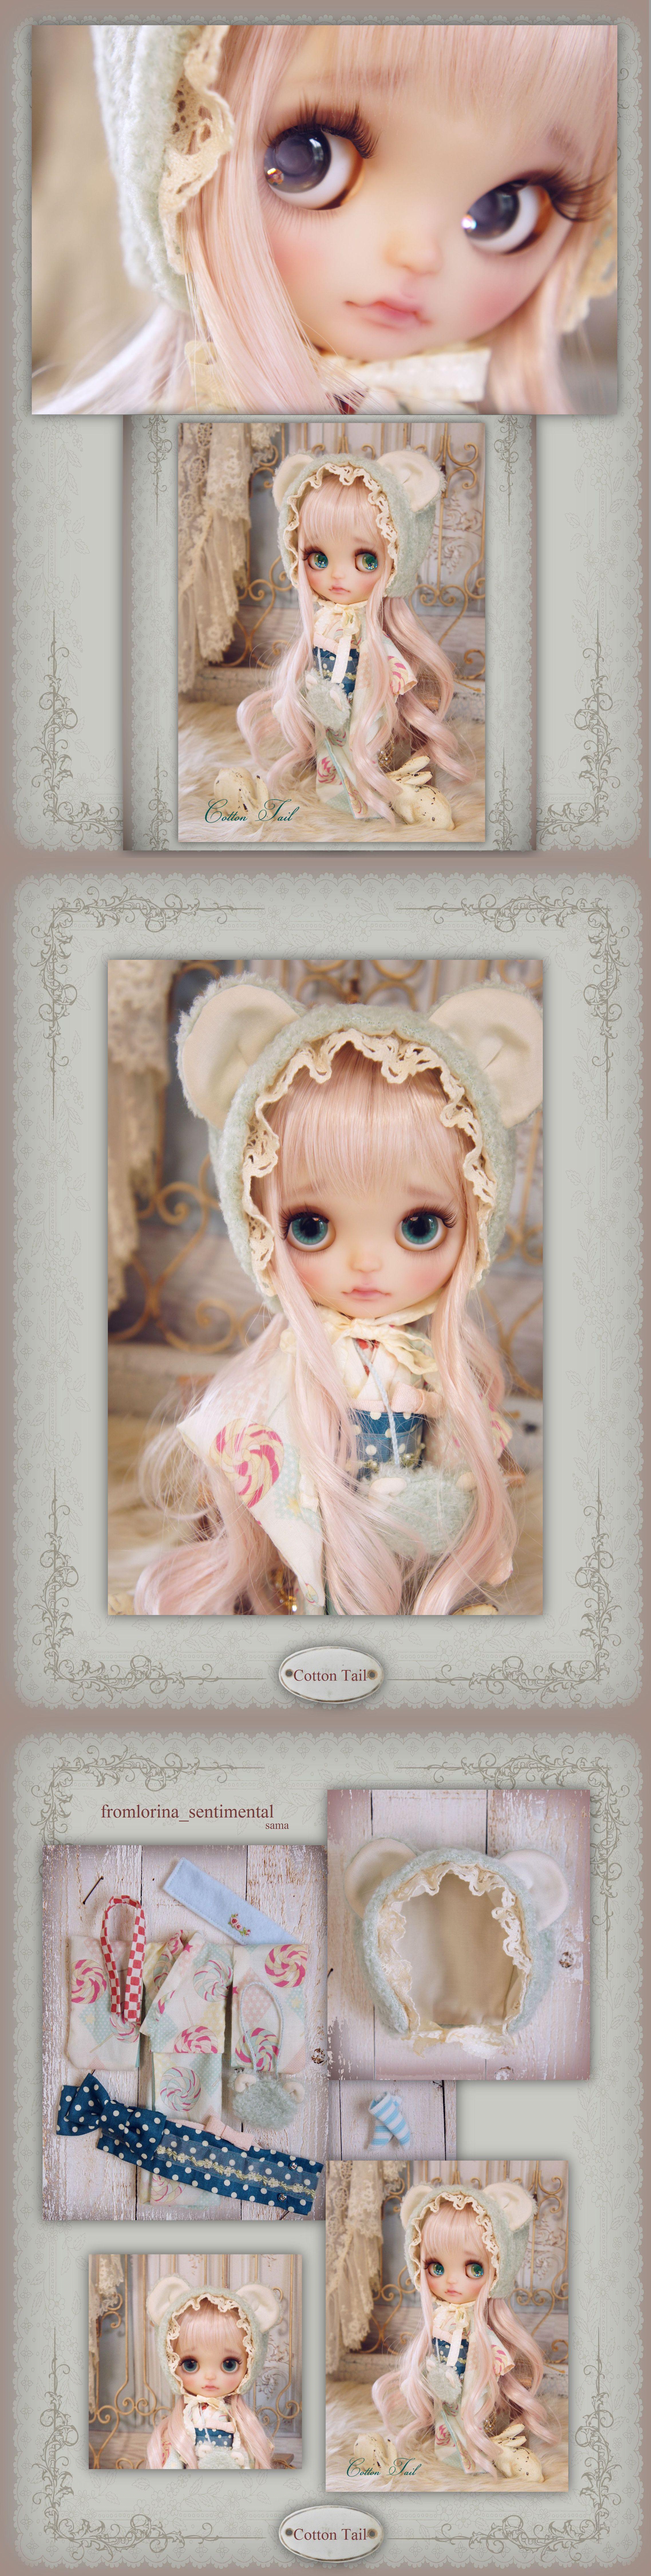 16 ドールcosplay for dolls have sex with the devil and - 3 4